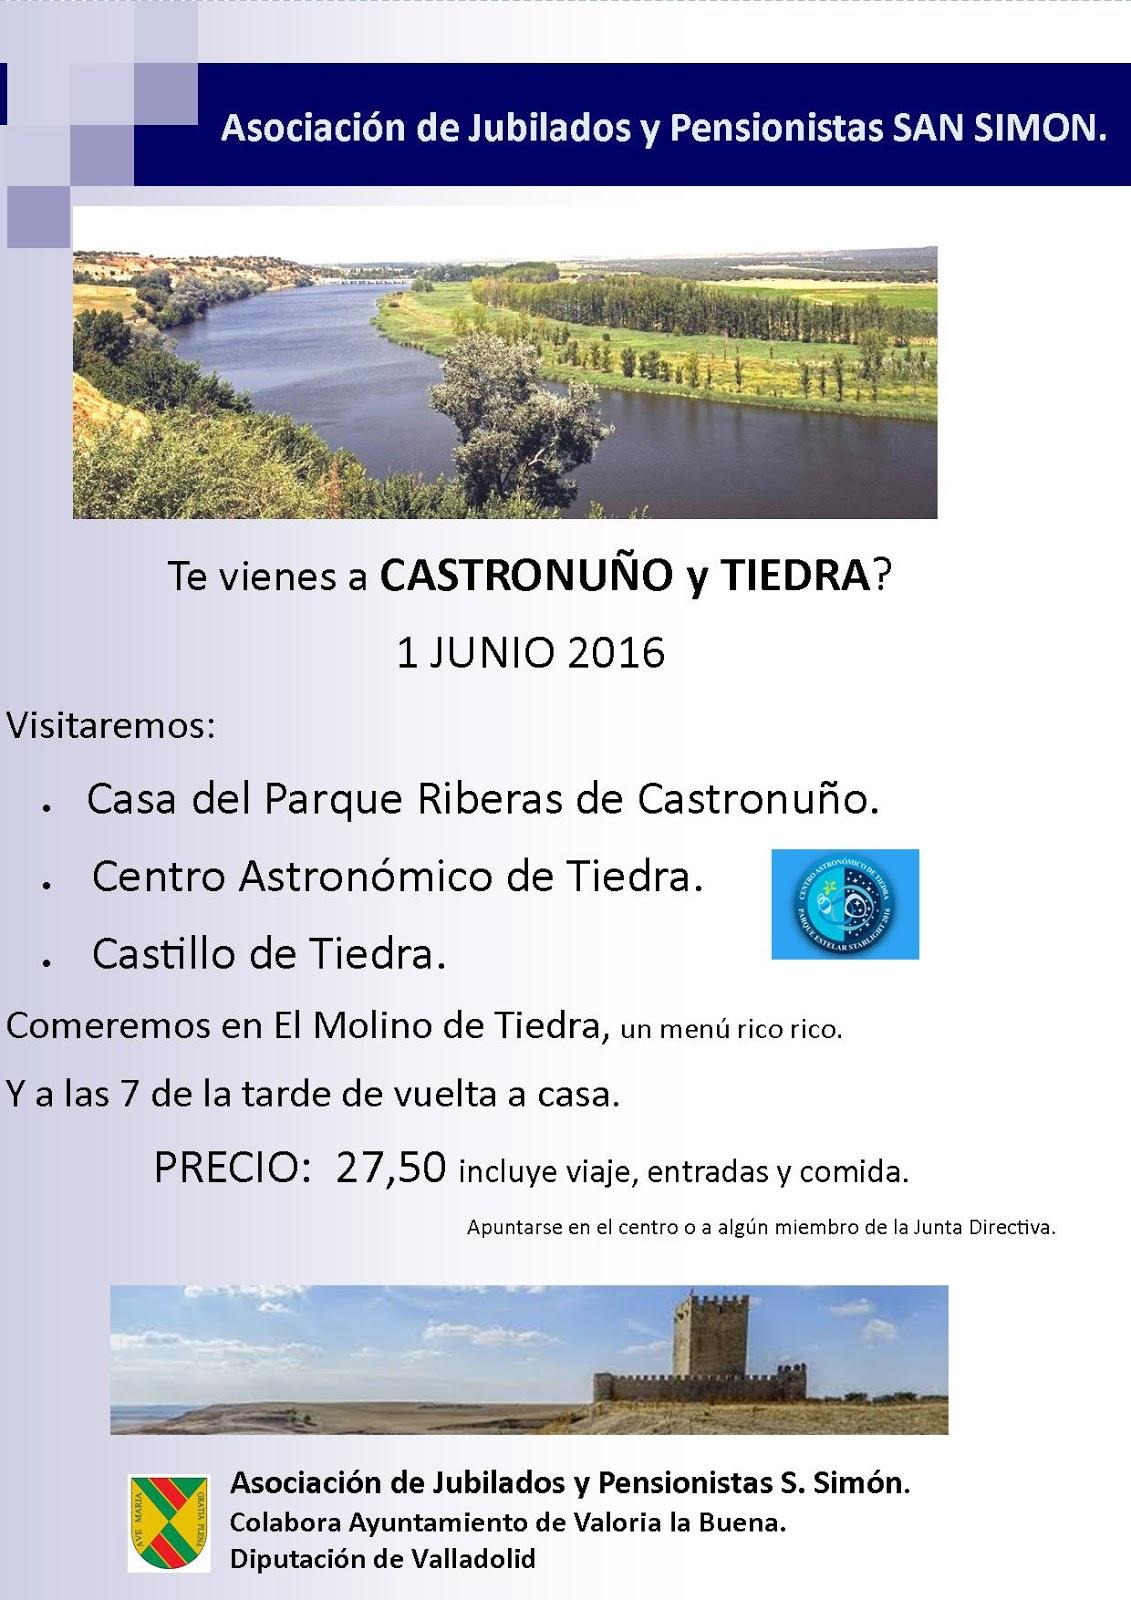 01/06: EXCURSIÓN A CASTRONUÑO Y TIEDRA